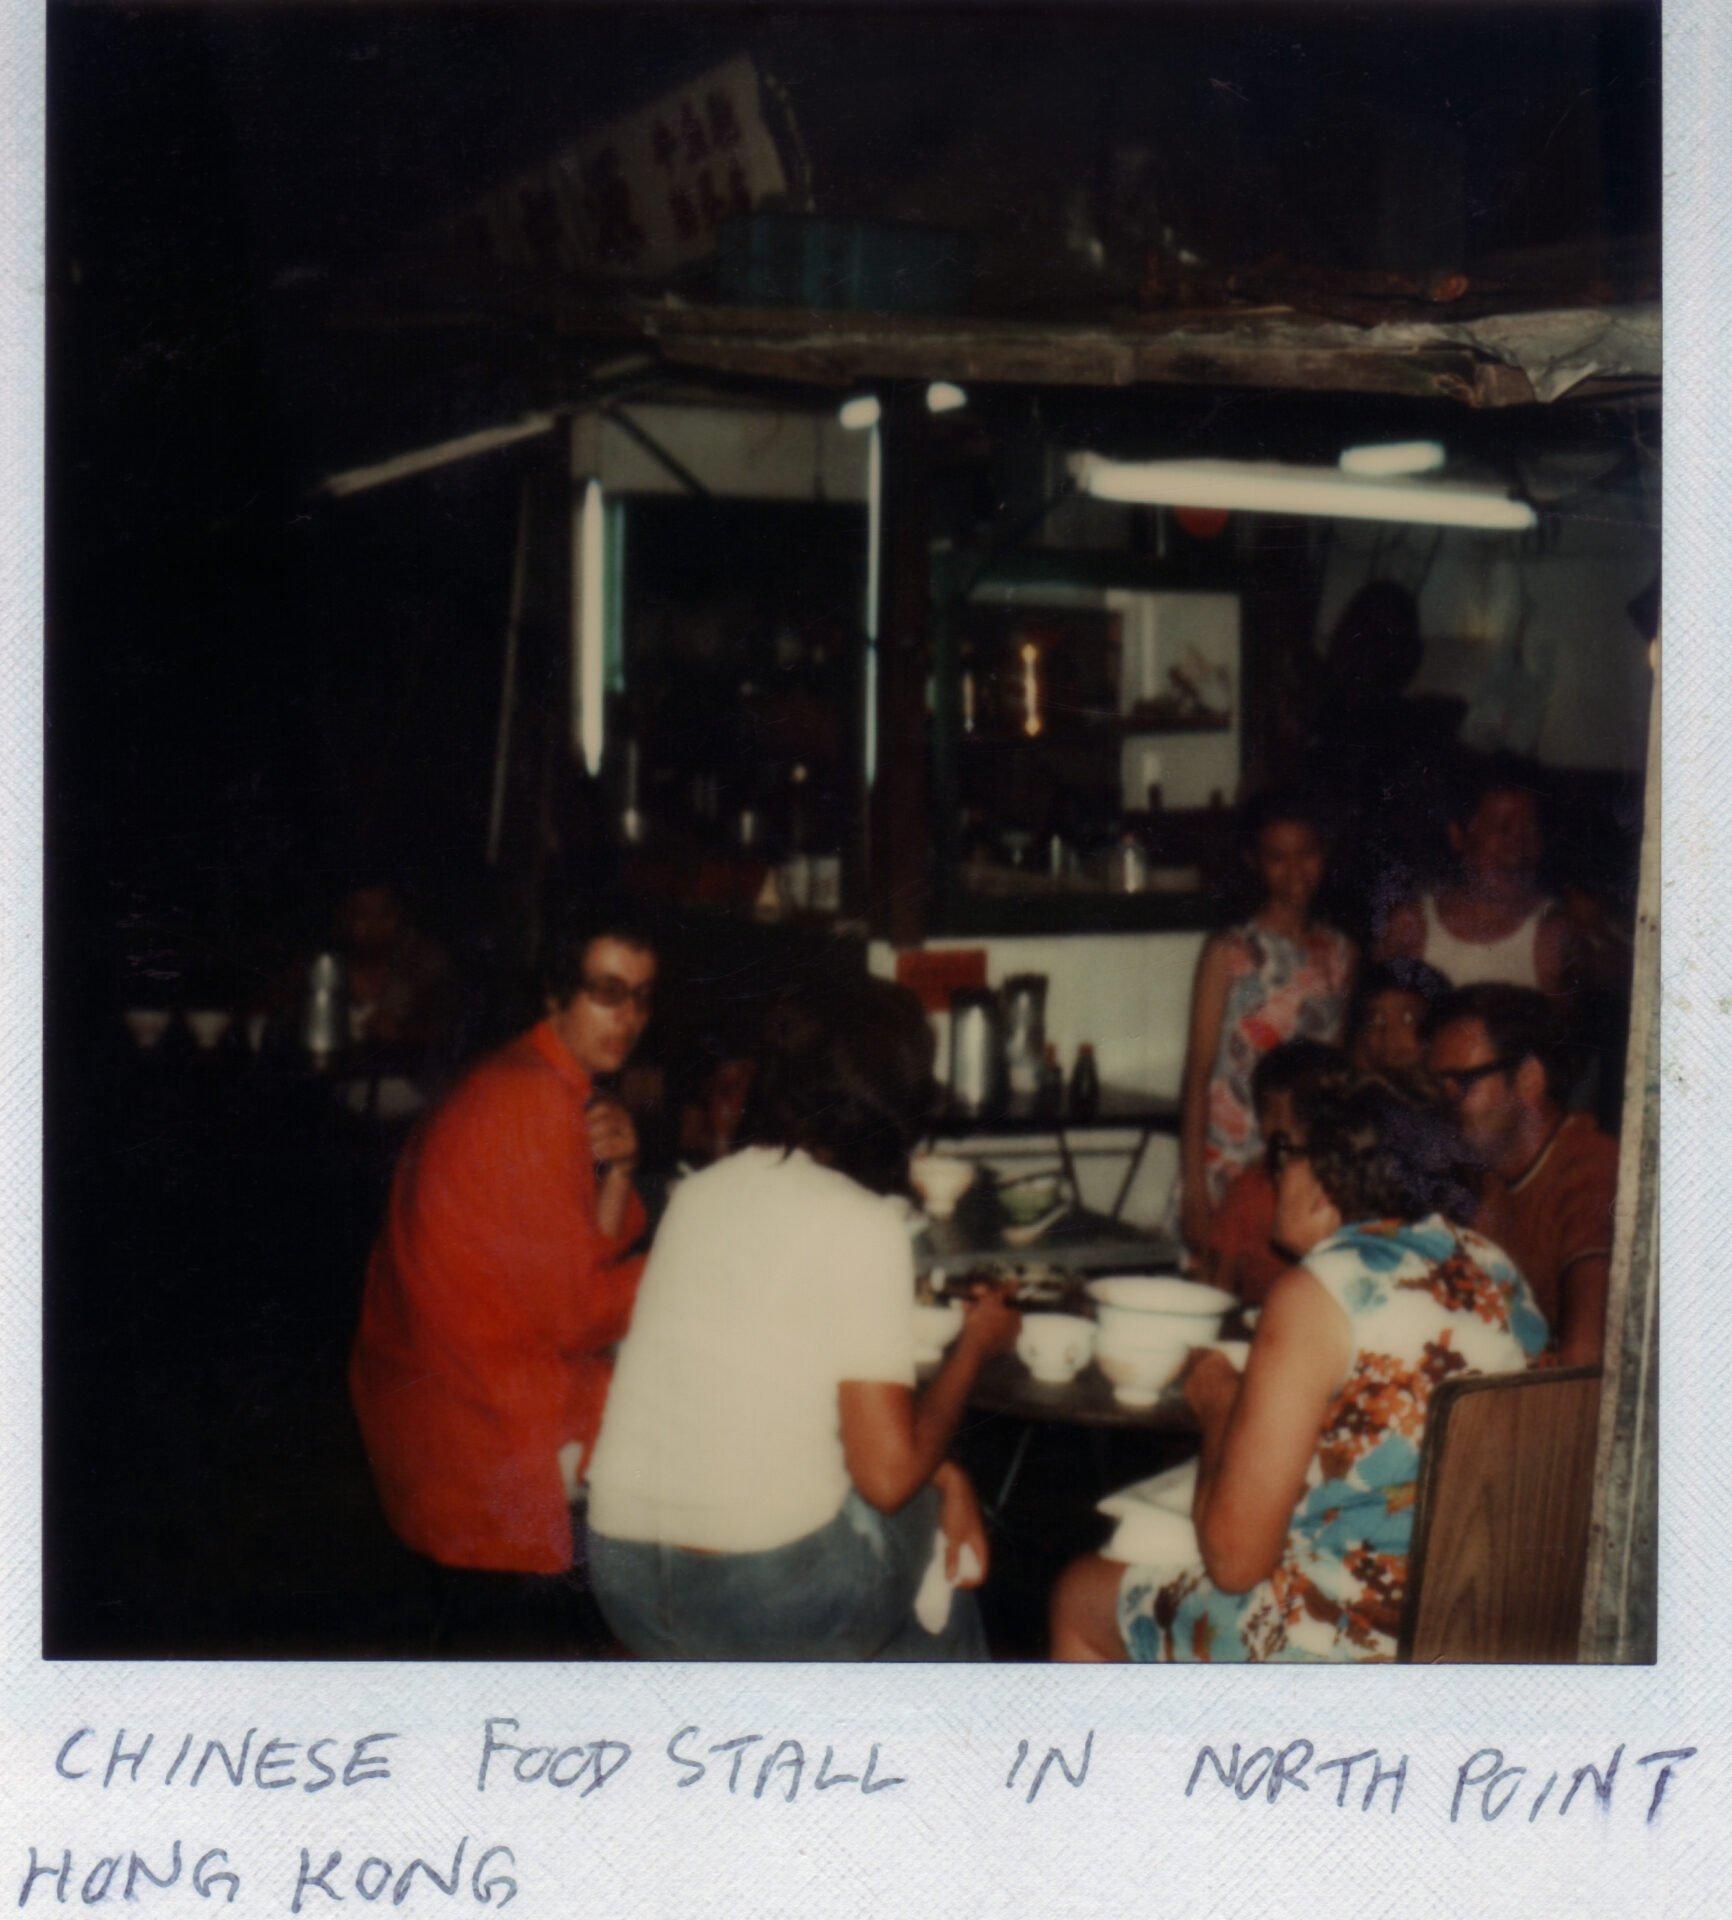 Chinese food stal north point Hong Kong